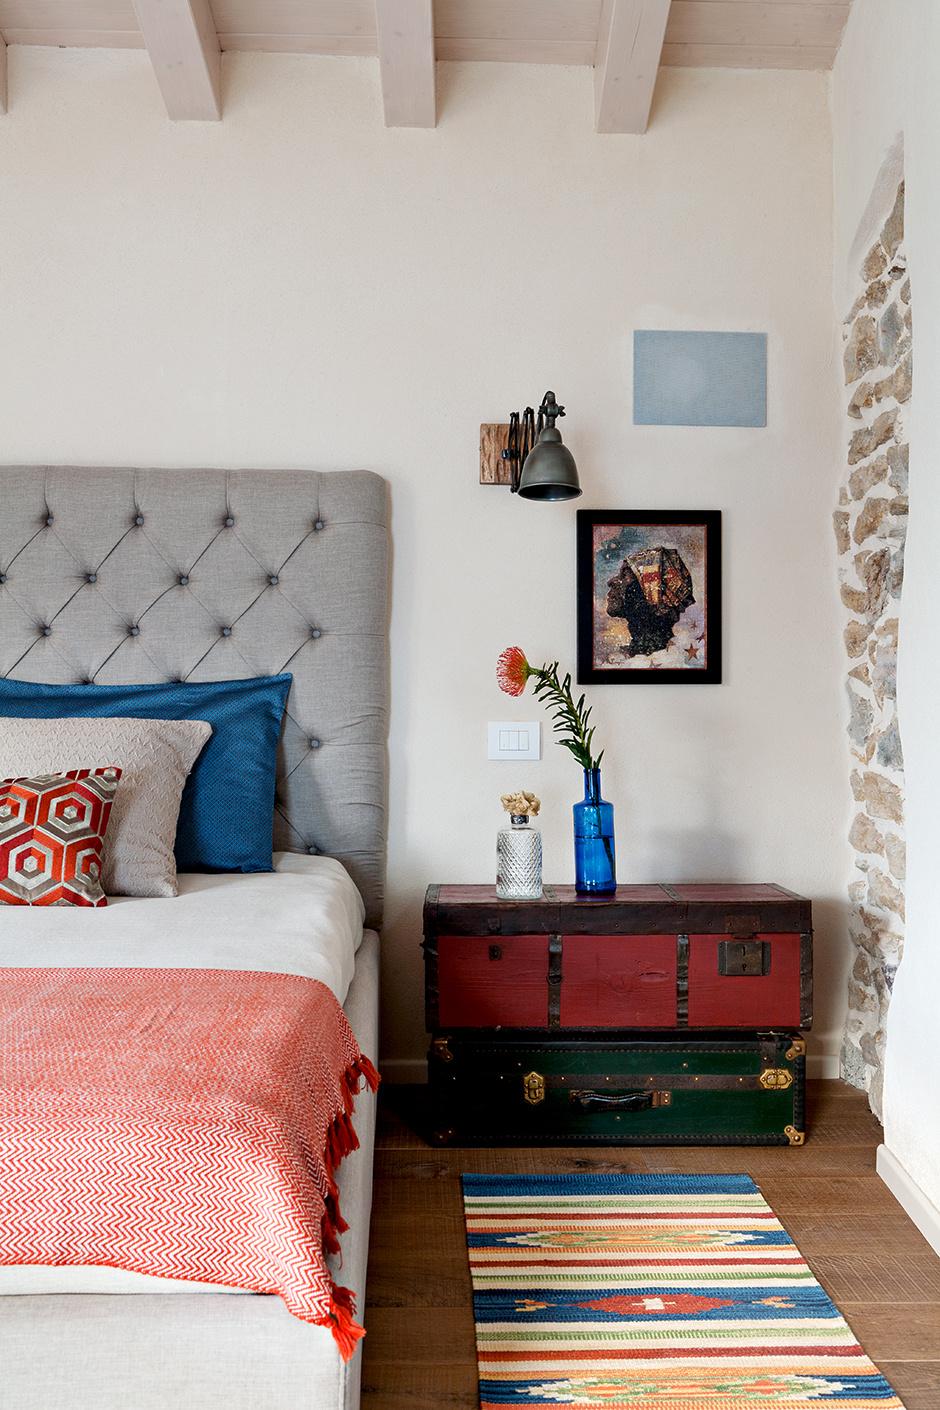 Уютный дом в Италии уютный дом в италии Уютный дом в Италии от Жени Ждановой  1 37e4999161d50b55962c5e53cff66abd  0xc35dbb80 18803535801499246570